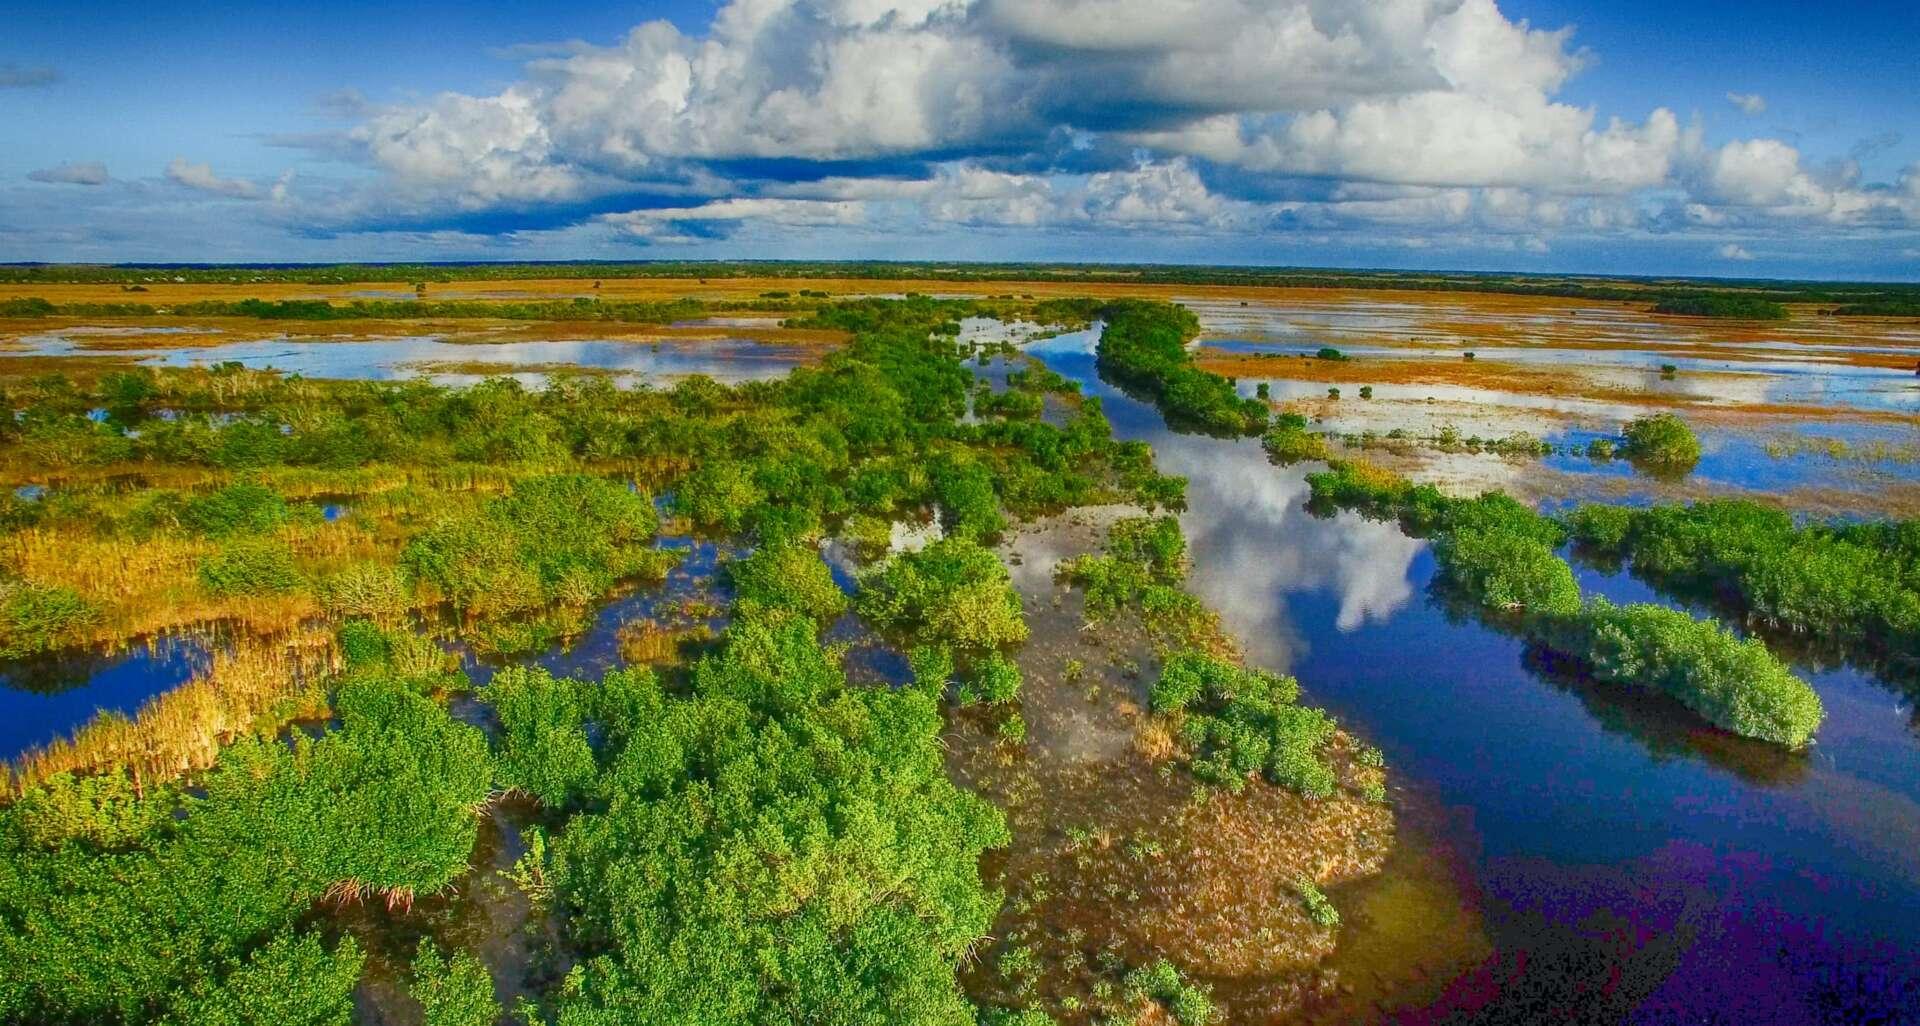 La storia del parco nazionale delle Everglades